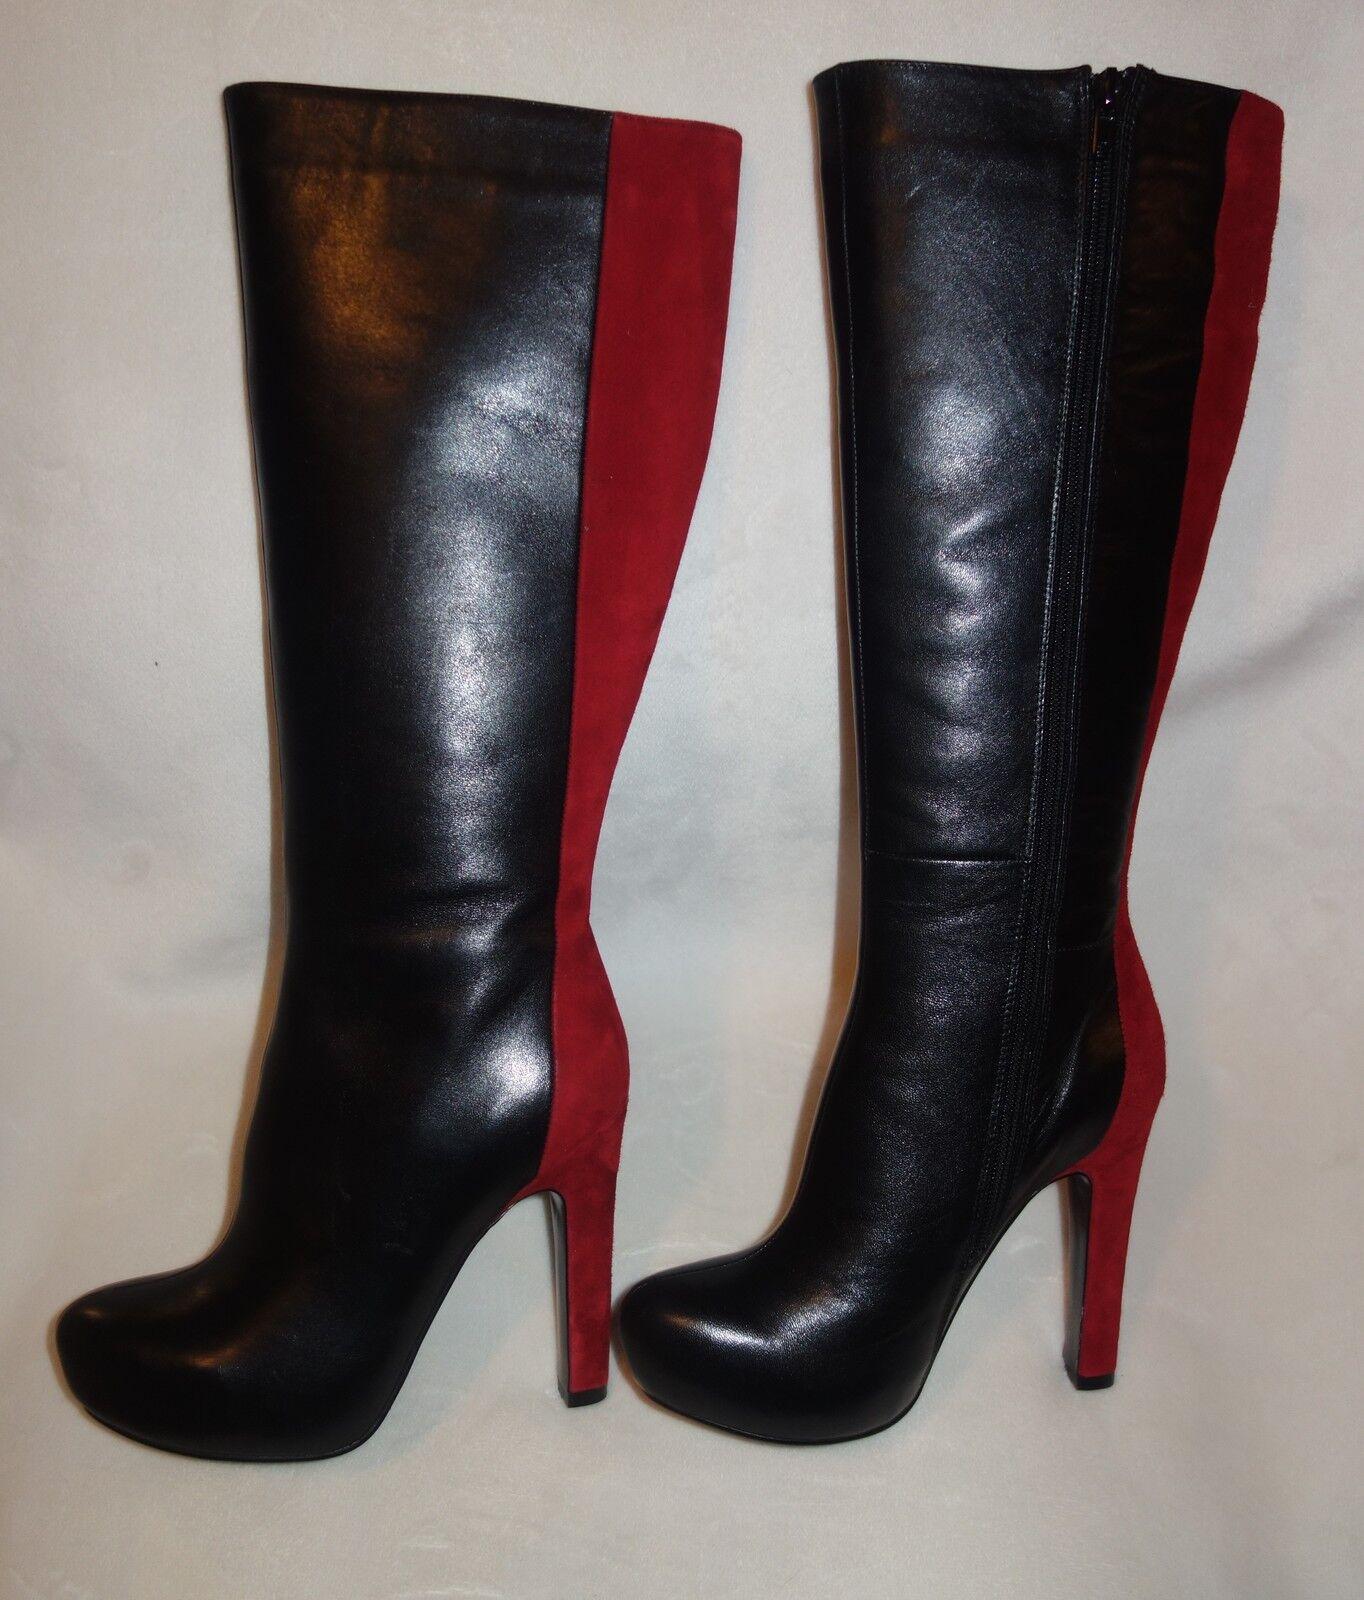 online economico ROBERTO BOTELLA BOTELLA BOTELLA  Combined knee high stivali  nero rosso sz 36 new  negozio outlet